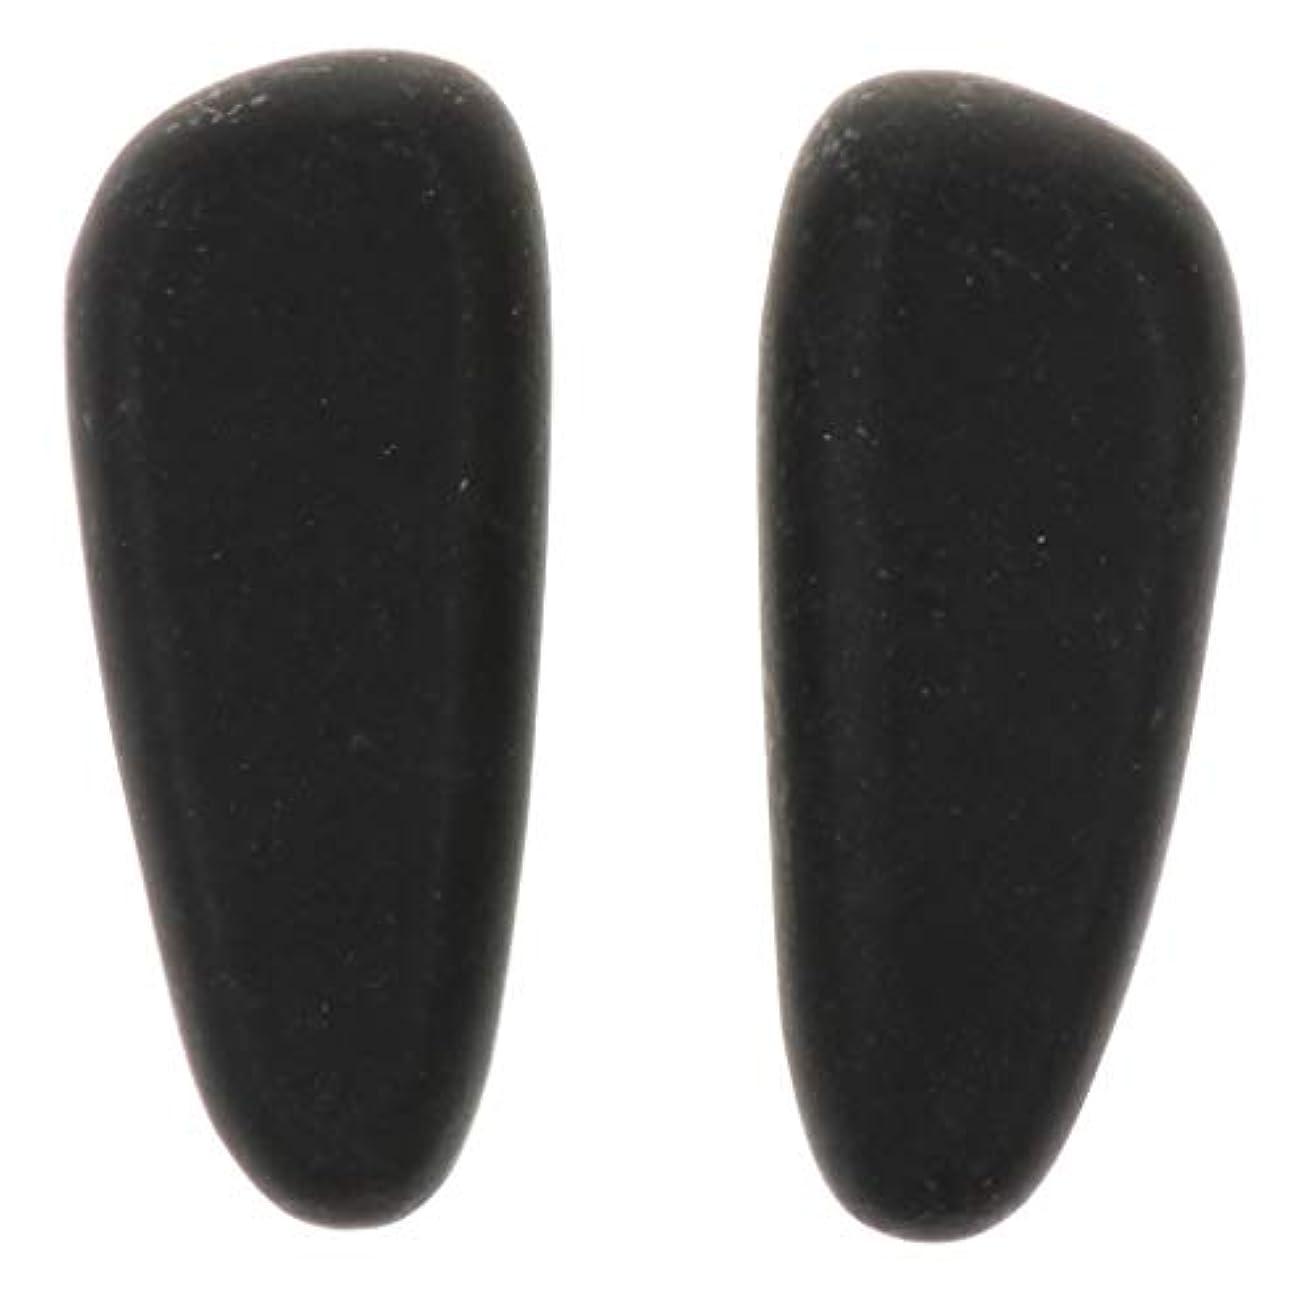 スケルトン交換可能些細天然石ホットストーン マッサージ用玄武岩 マッサージストーン マッサージ石 ボディマッサージ 2個 全2サイズ - 8×3.2×2cm